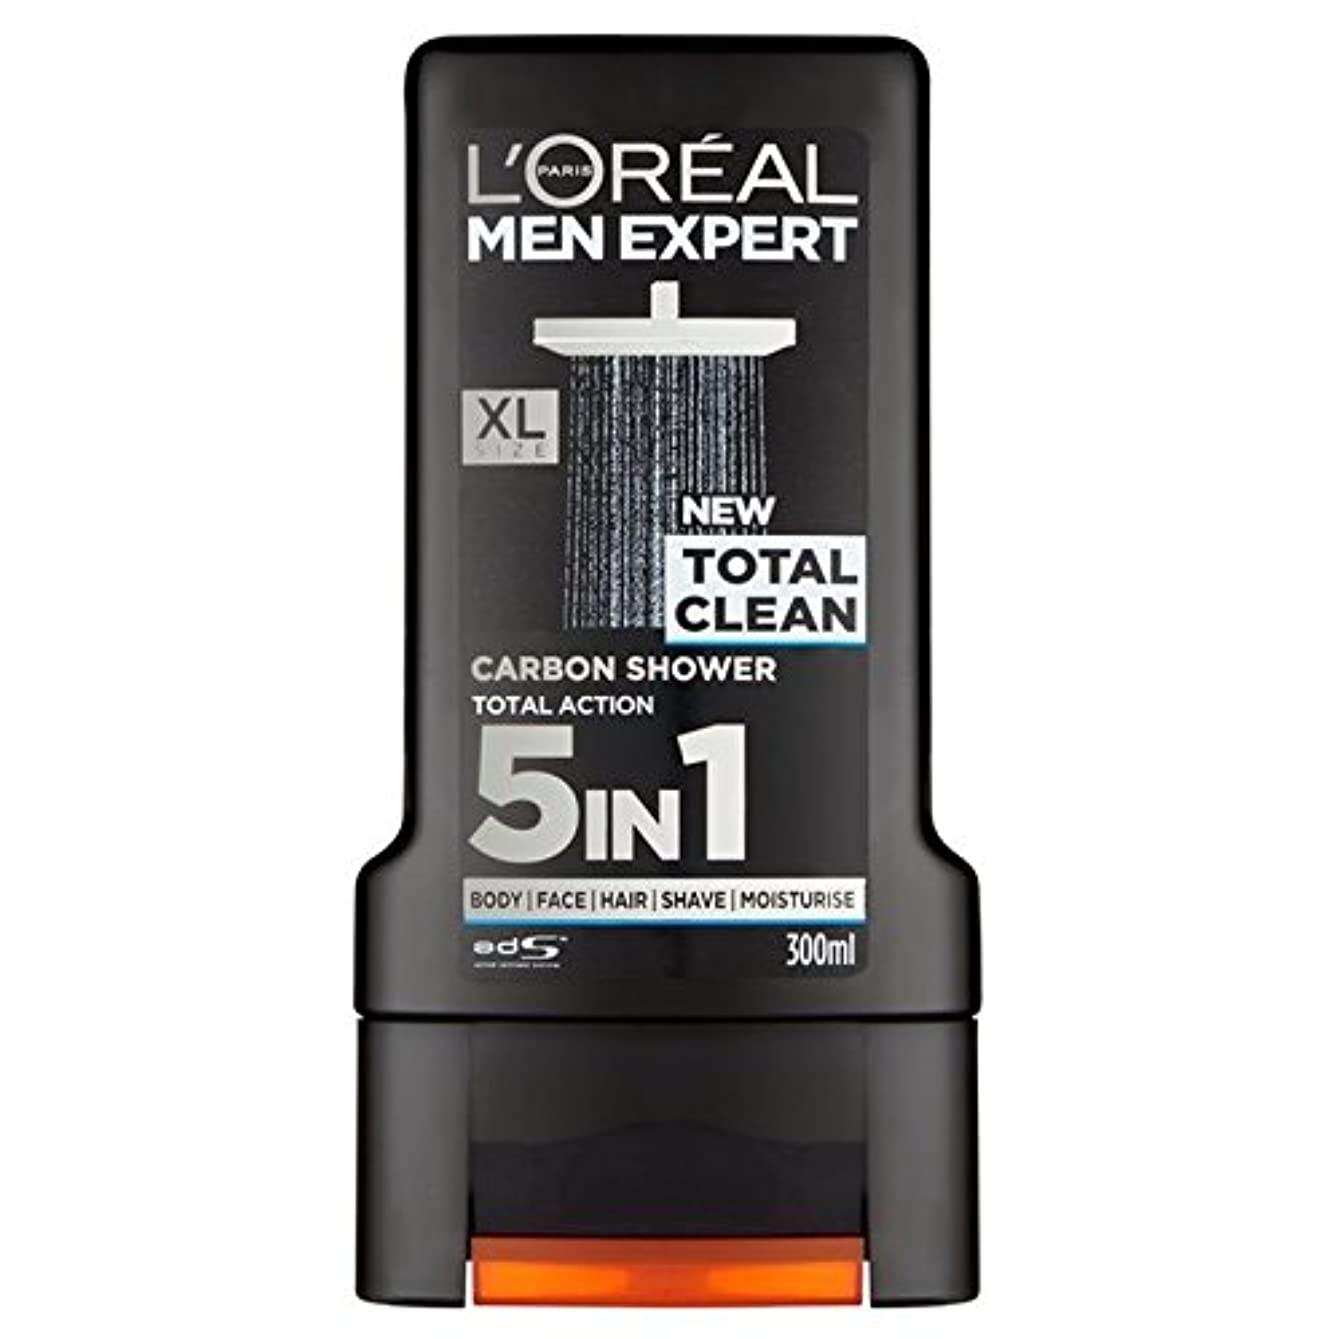 苦行朝グループロレアルパリのメンズ専門トータルクリーンシャワージェル300ミリリットル x2 - L'Oreal Paris Men Expert Total Clean Shower Gel 300ml (Pack of 2) [並行輸入品]